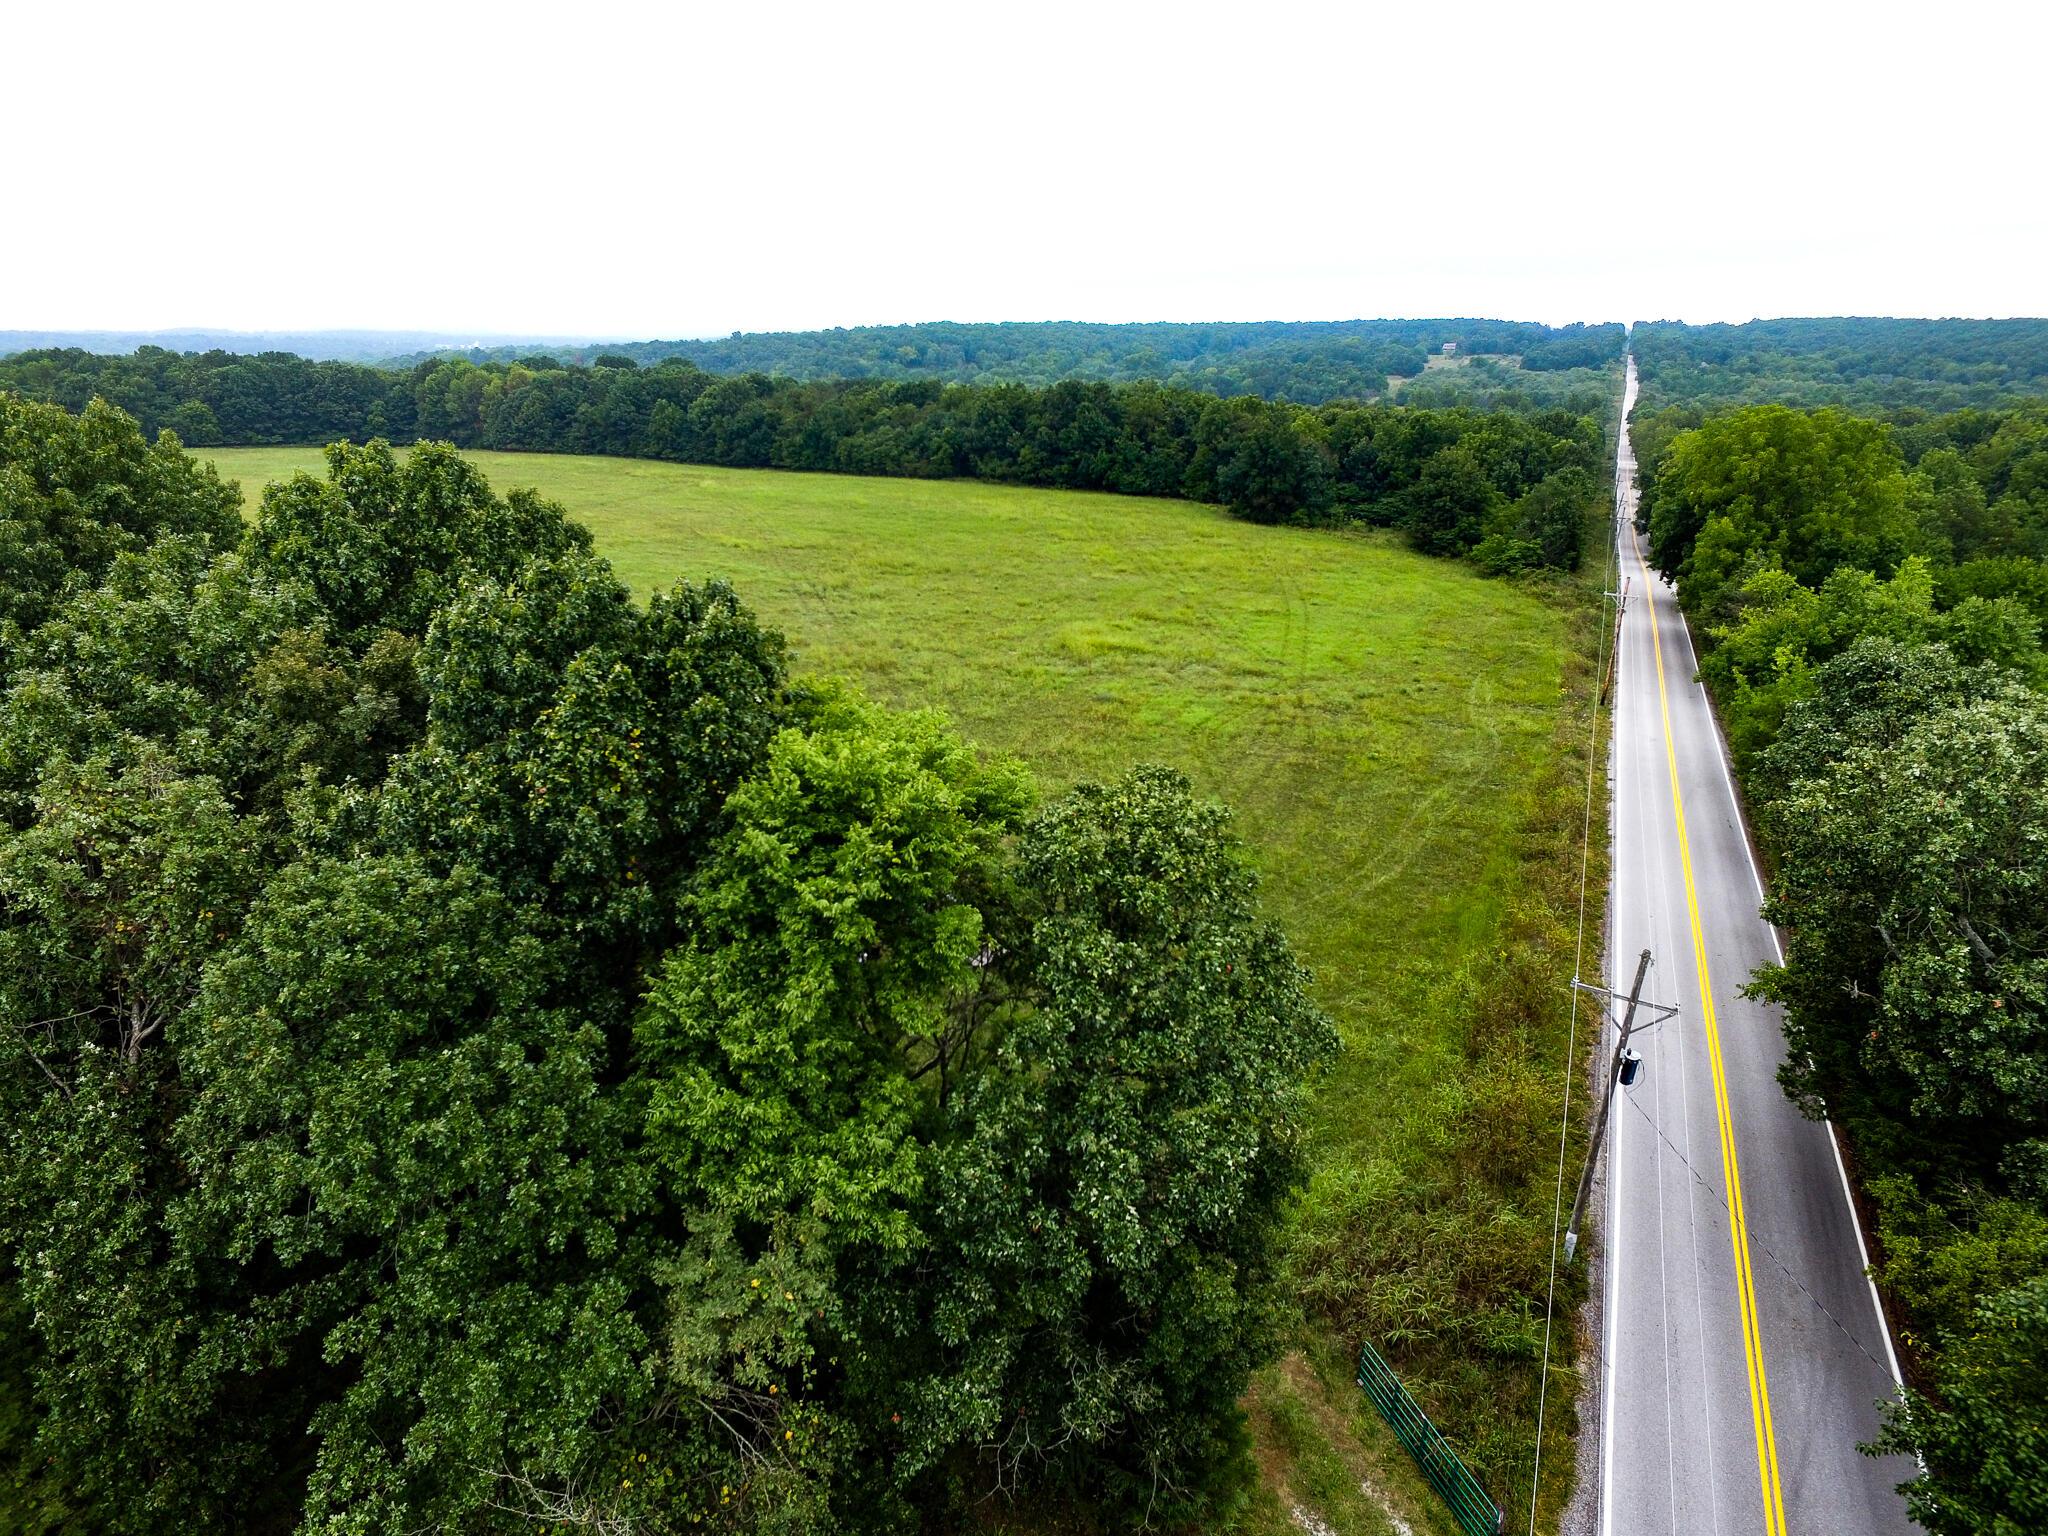 000 Farm Road Willard, MO 65781